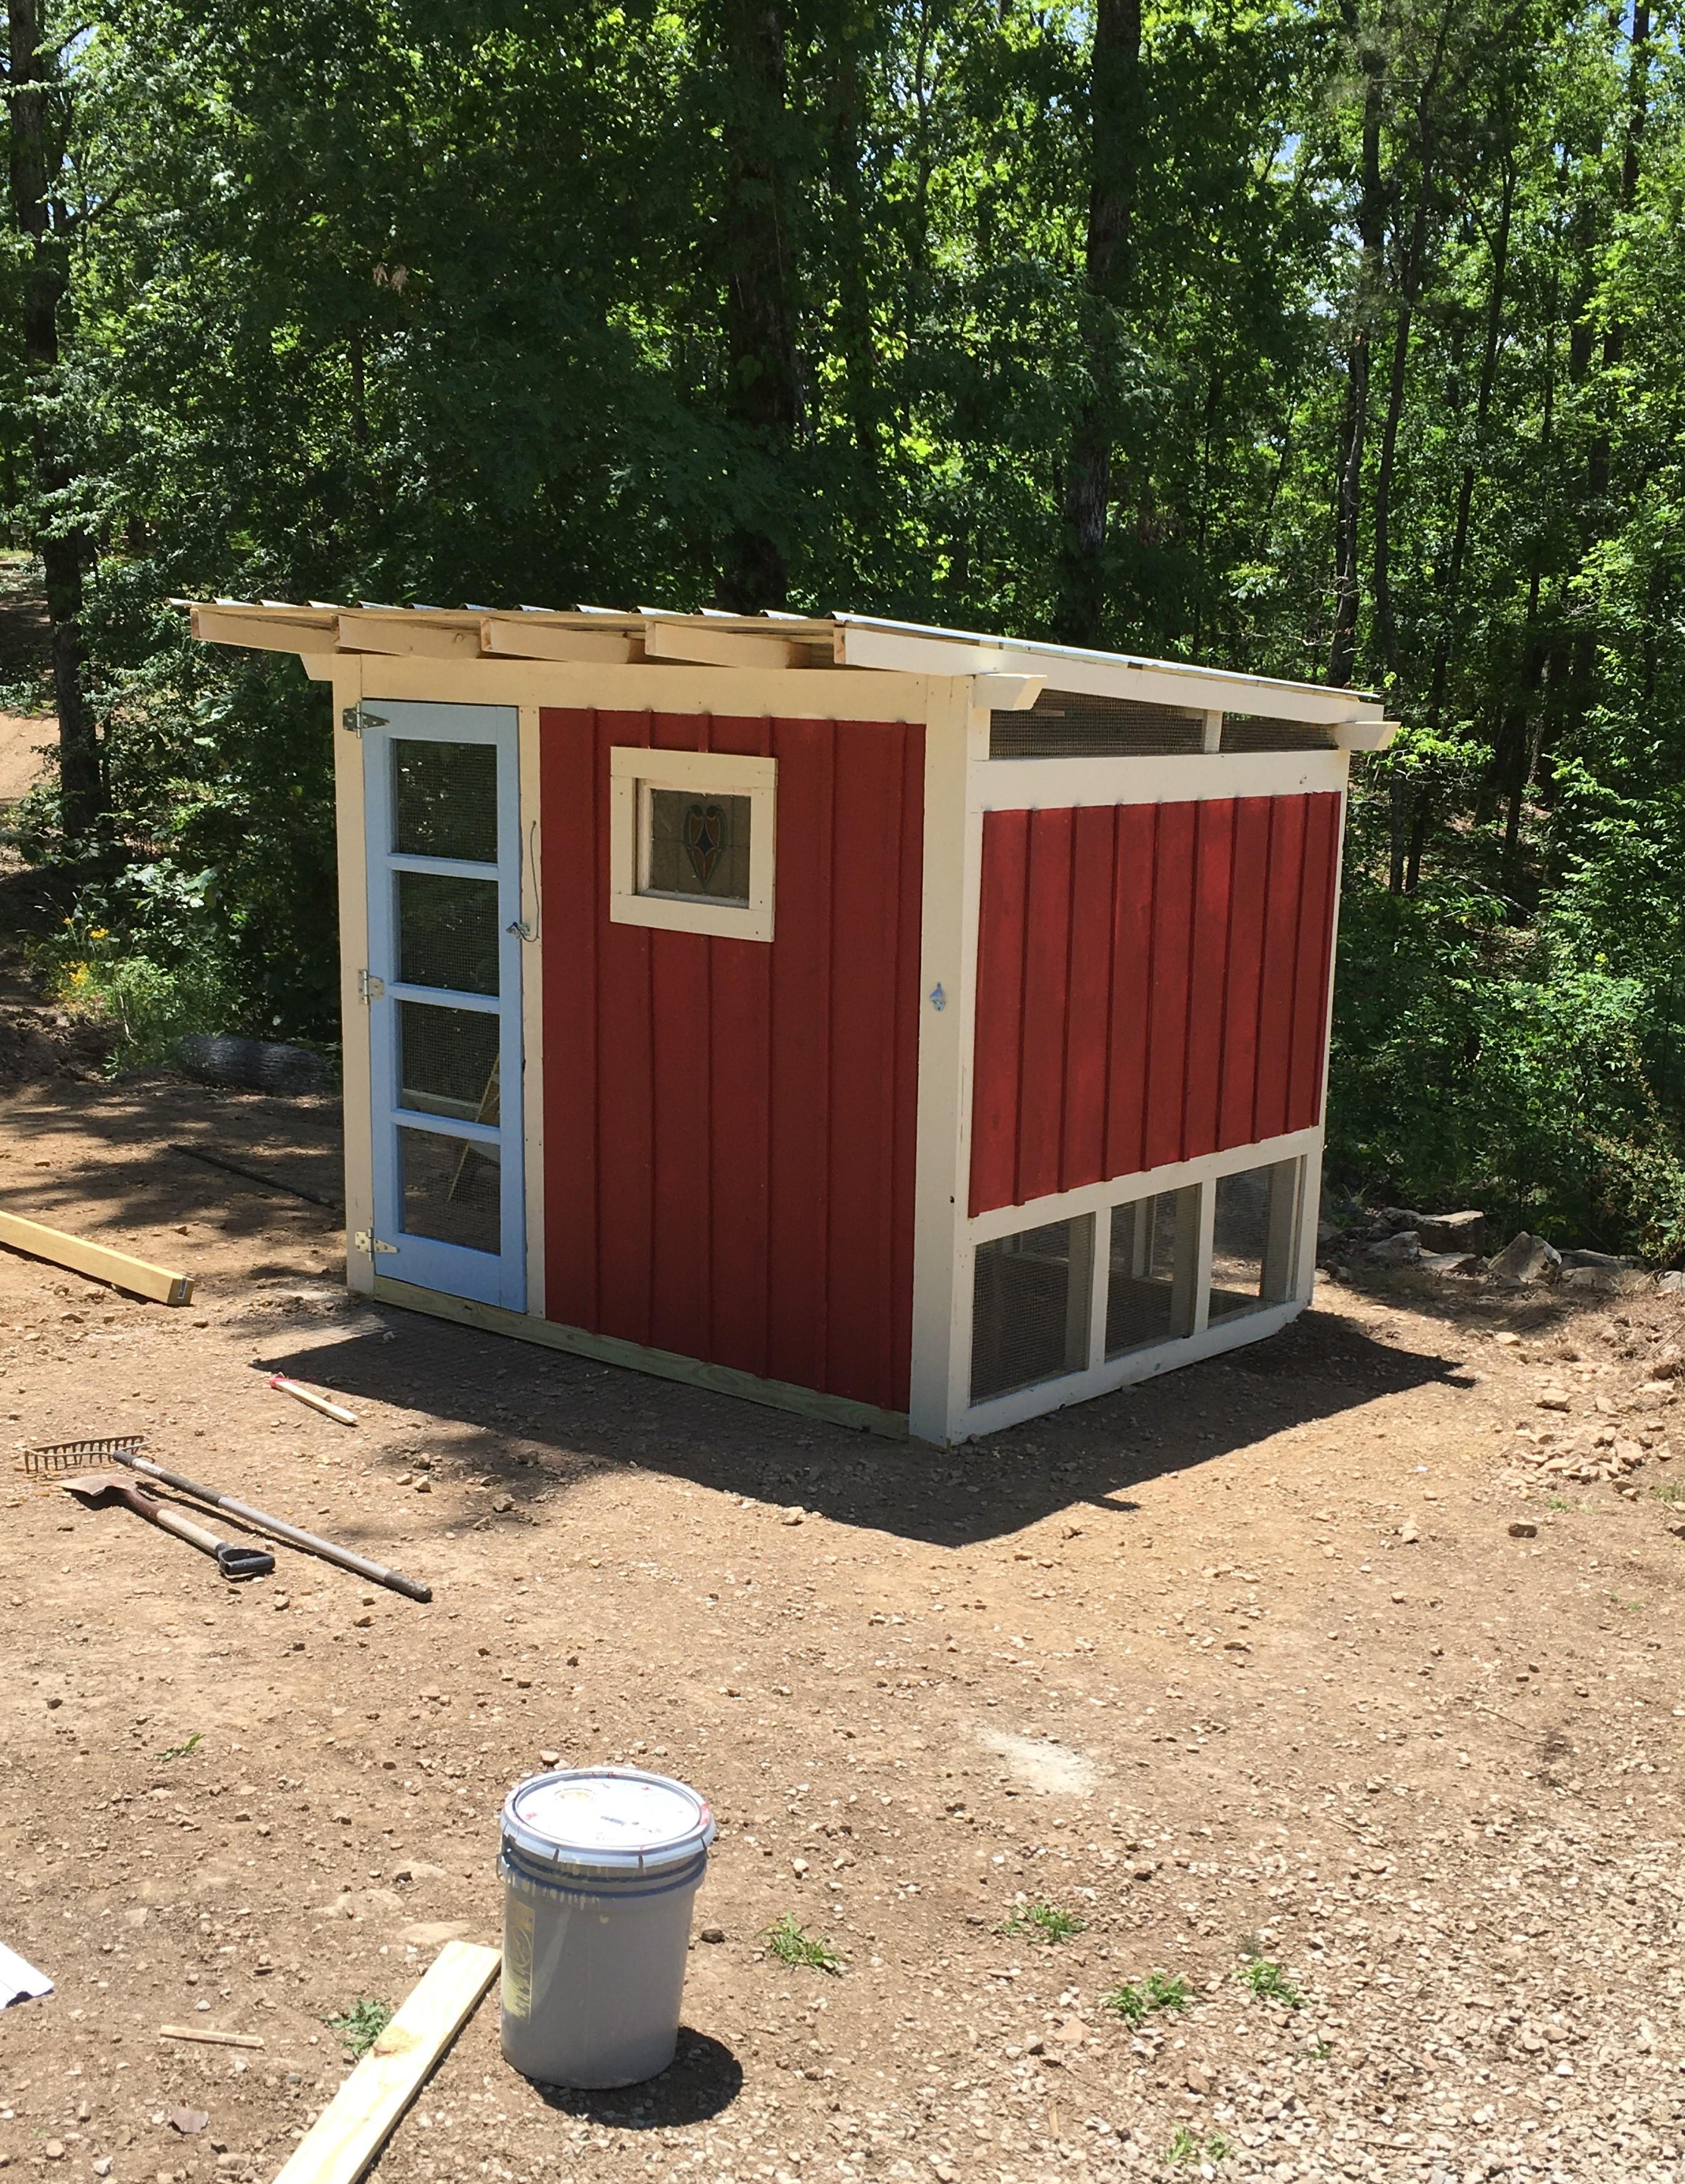 Slippy's Chicken Coop & Chicken Run Build!-coop-11.jpg